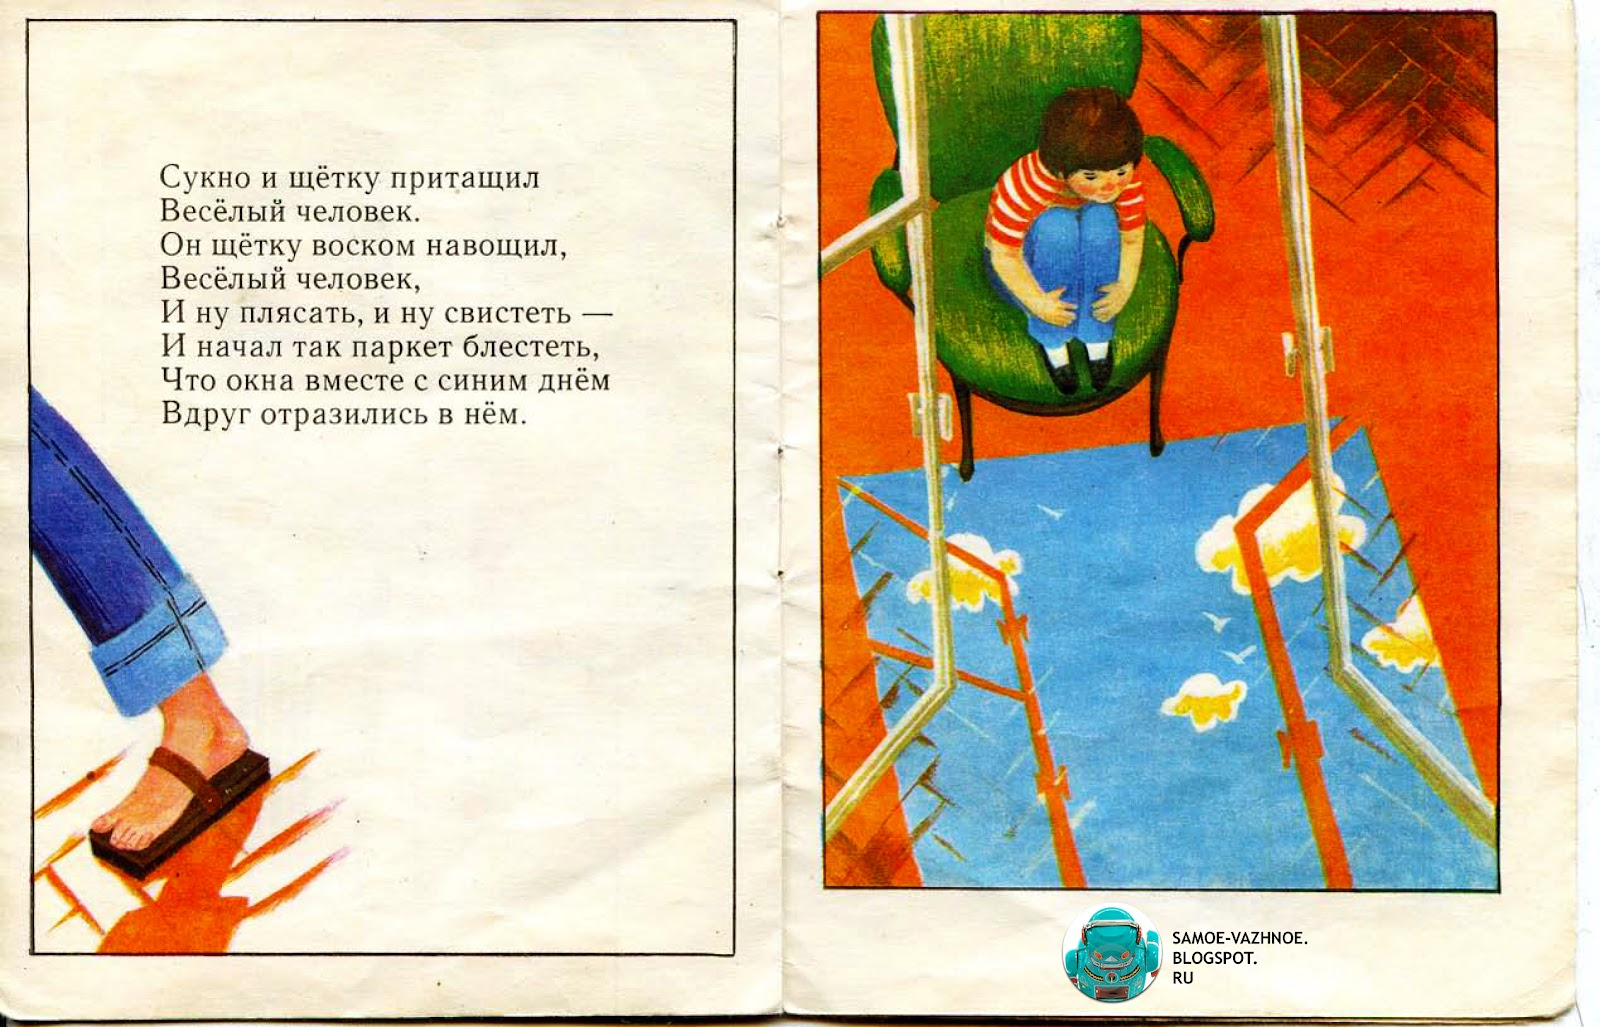 Л Кружкова иллюстрации, детский художник, рисунки СССР